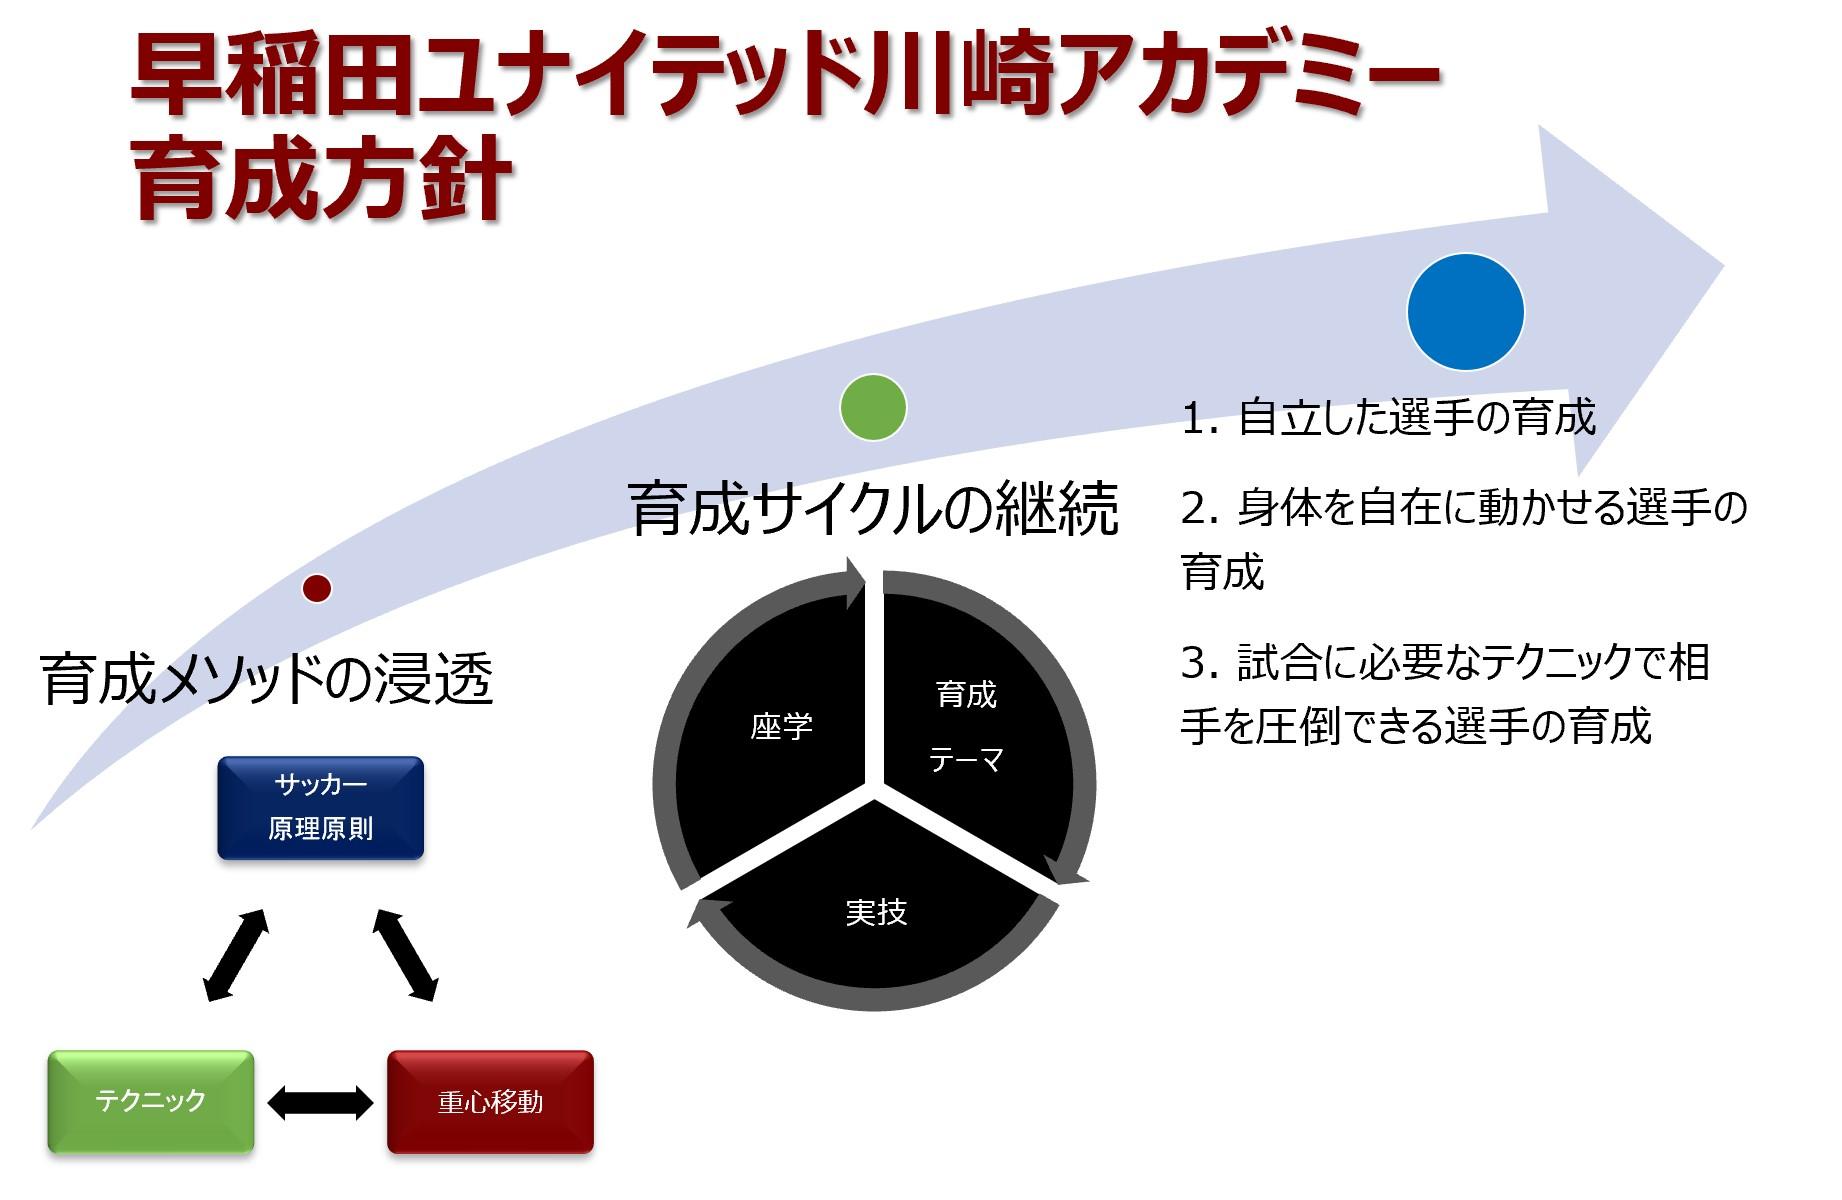 早稲田ユナイテッド川崎アカデミー 育成方針